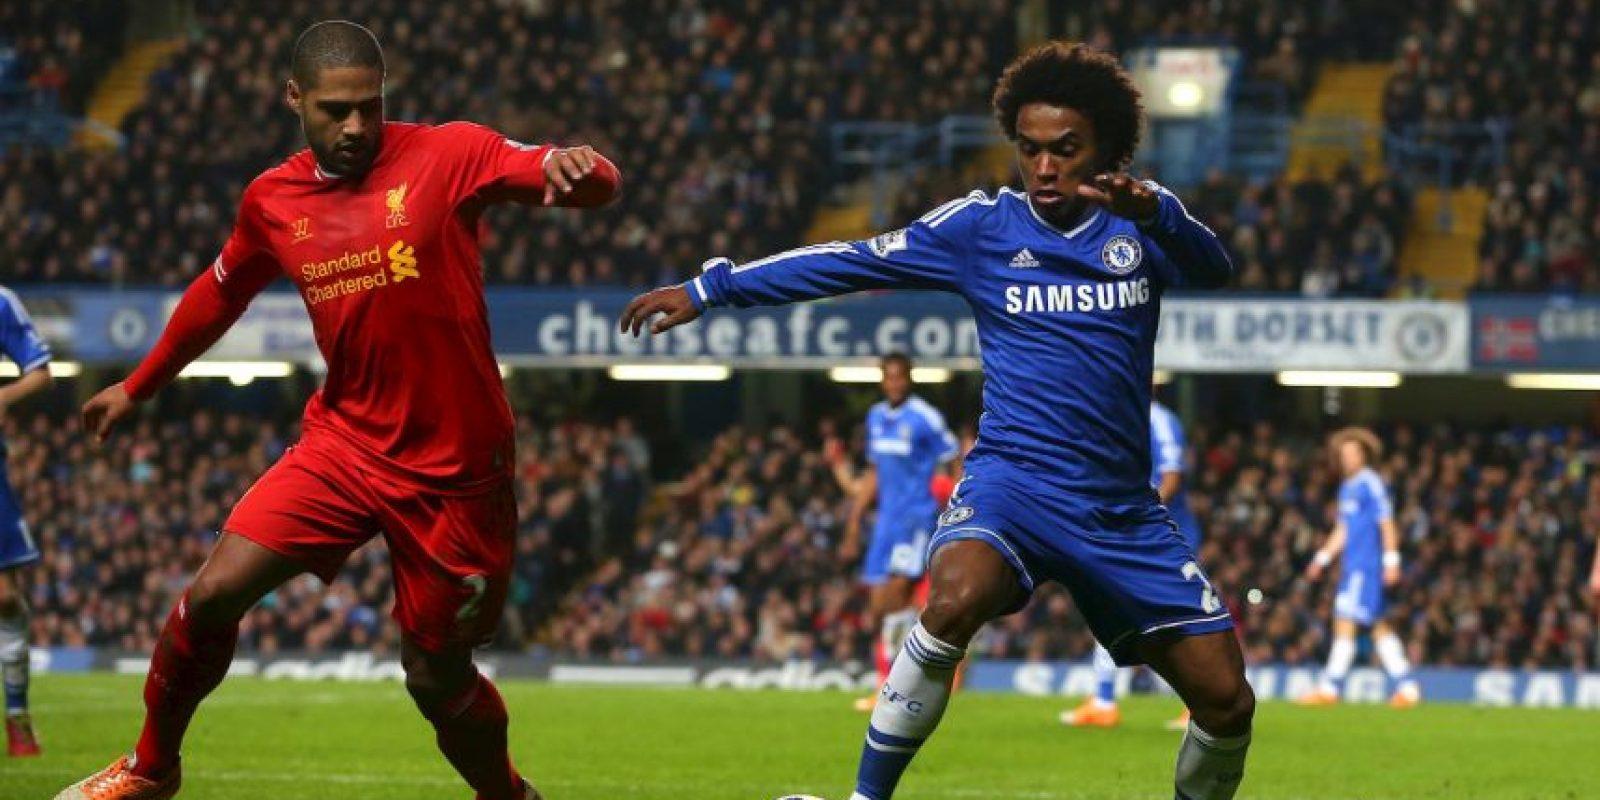 Entre los partidos con más tendencia para los comentarios violentos en las redes sociales en esta liga se encuentran: Chelsea vs. Liverpool Foto:Getty Images